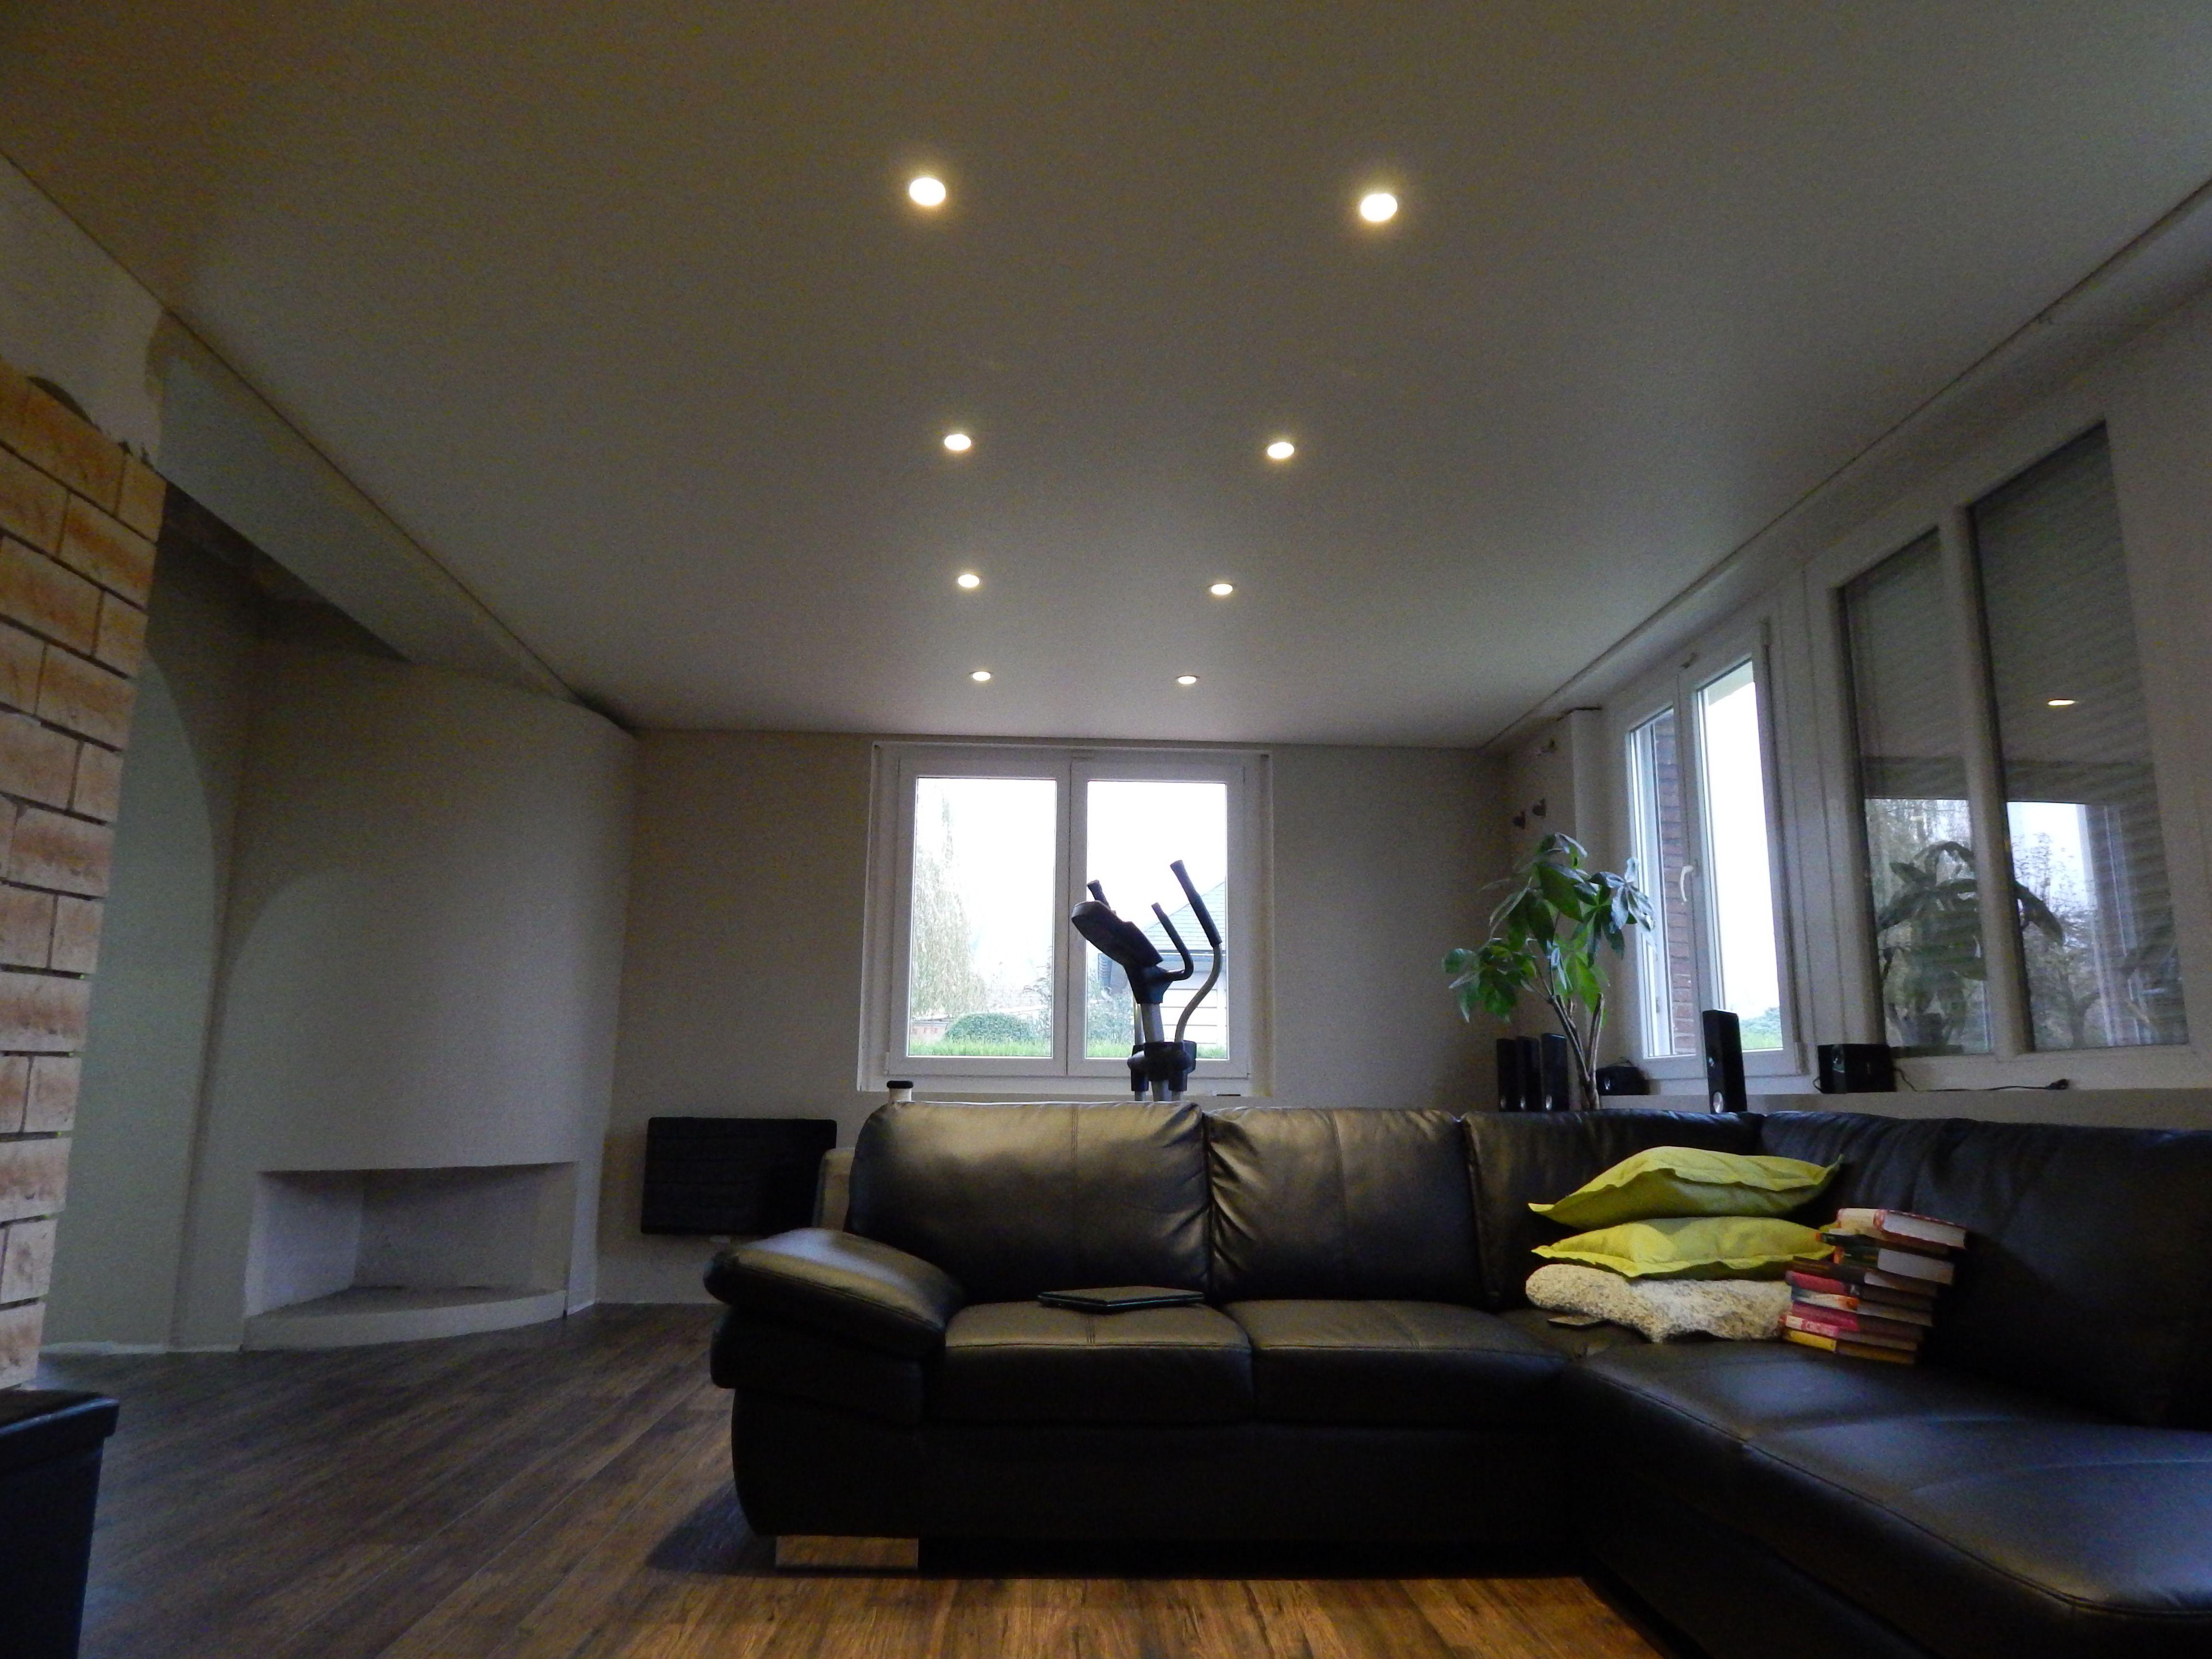 plafond tendu satin et spot led 6w test du spot 6w visible sur notre site. Black Bedroom Furniture Sets. Home Design Ideas